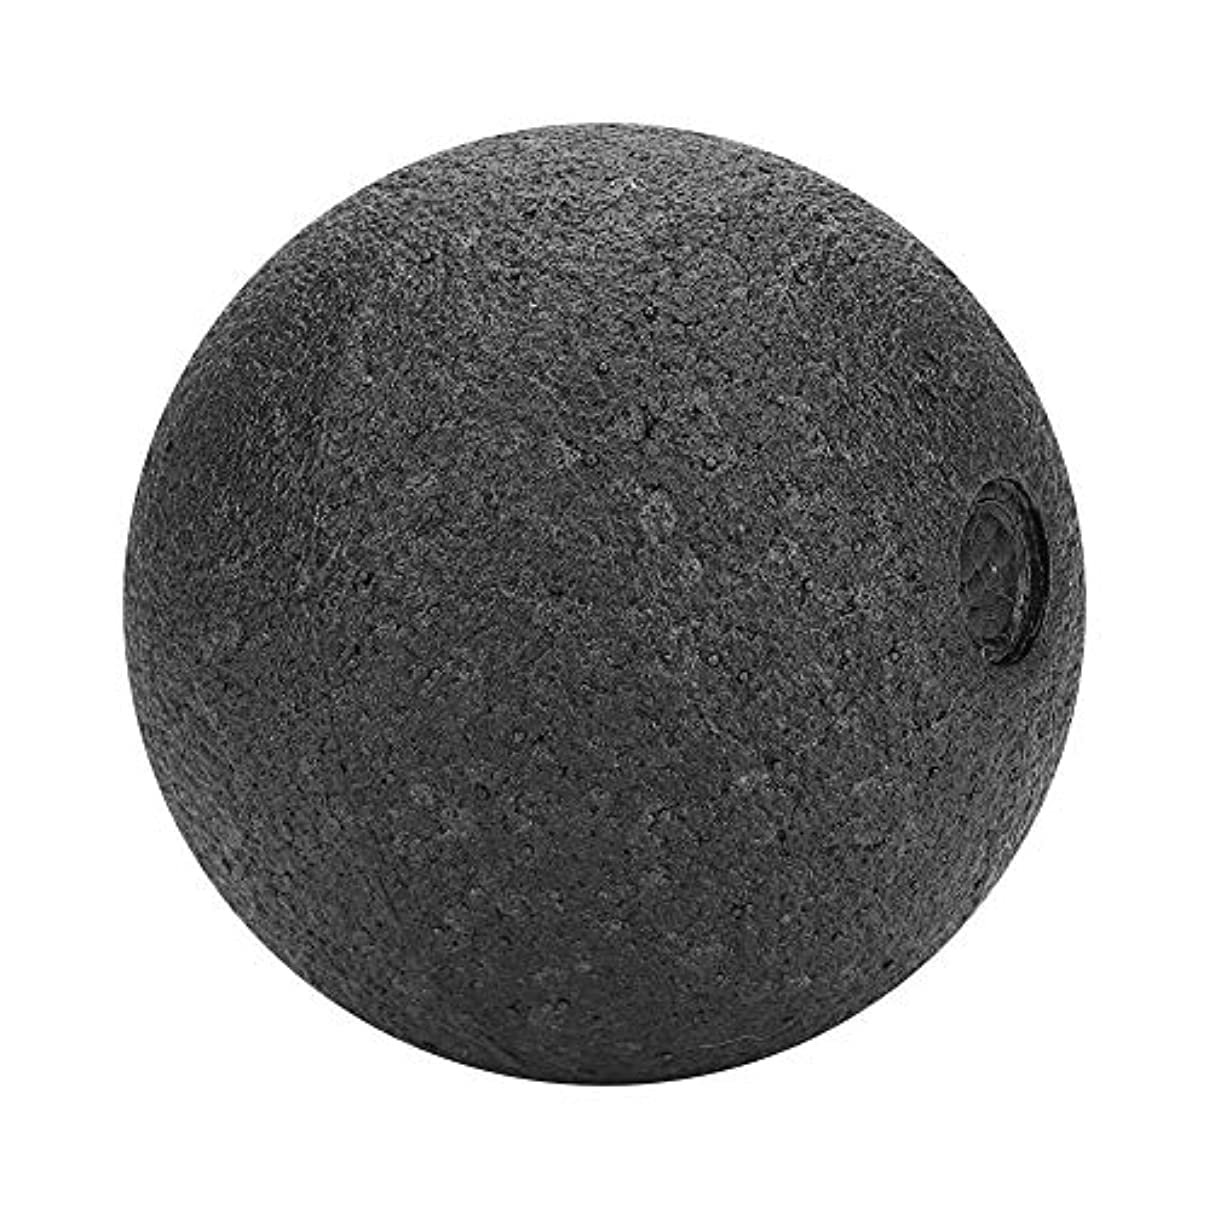 保存つかまえるスリッパマッサージボール ストレッチボール トリガーポイント マッサージボール 指圧ボールマッスルマッサージボール、首 腰 背中 肩こり 足裏 ツボ押しグッズ 疲労回復 むくみ解消